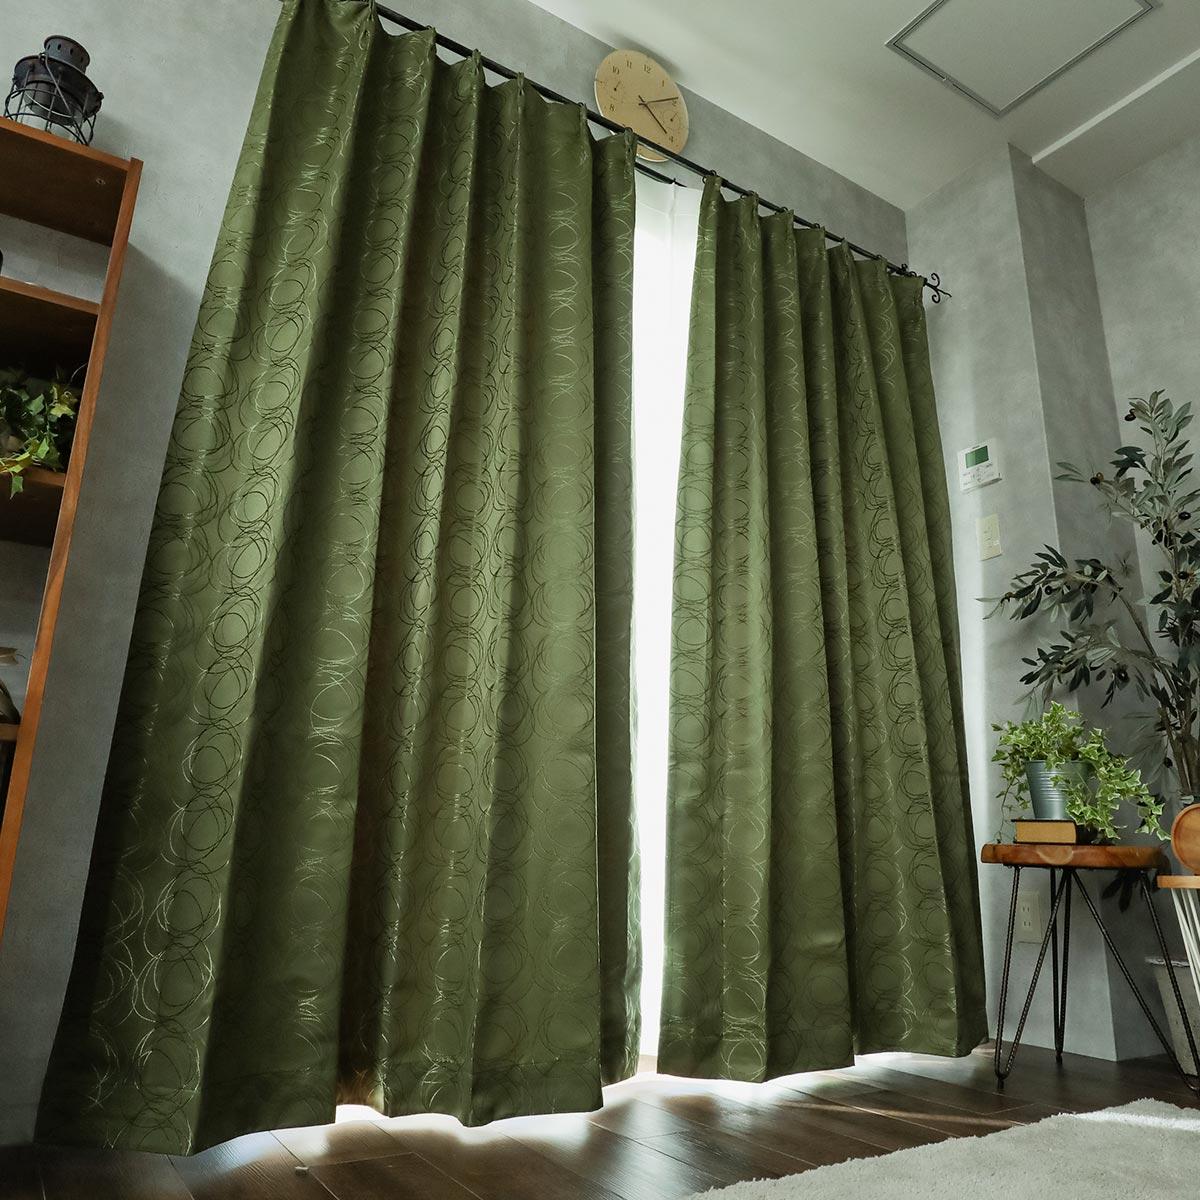 ドレープカーテン『遮光カーテン ティリオン』画像1